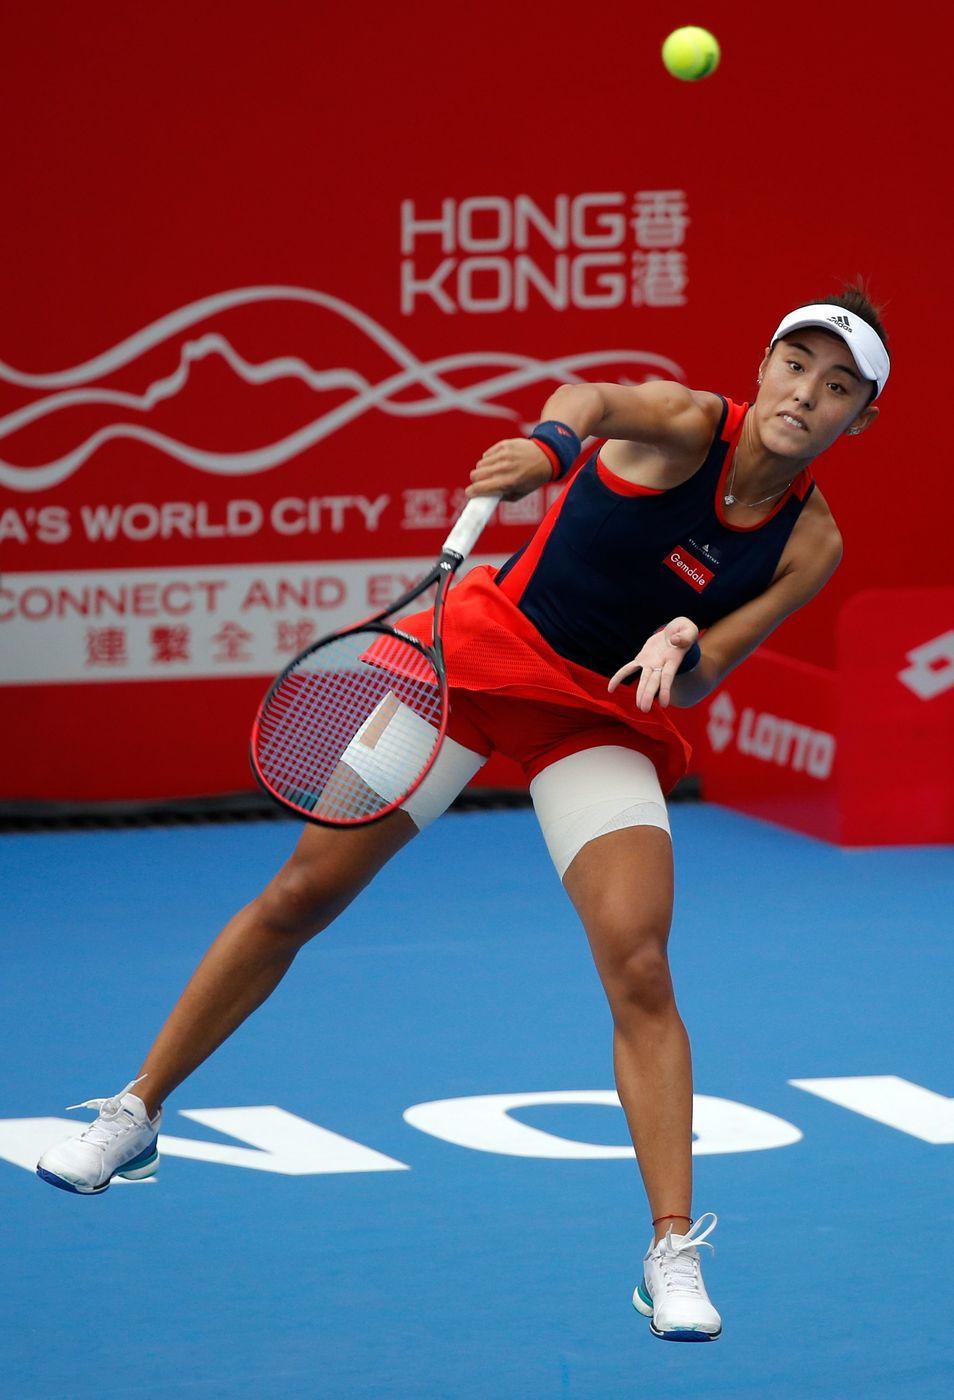 Wta Hong Kong